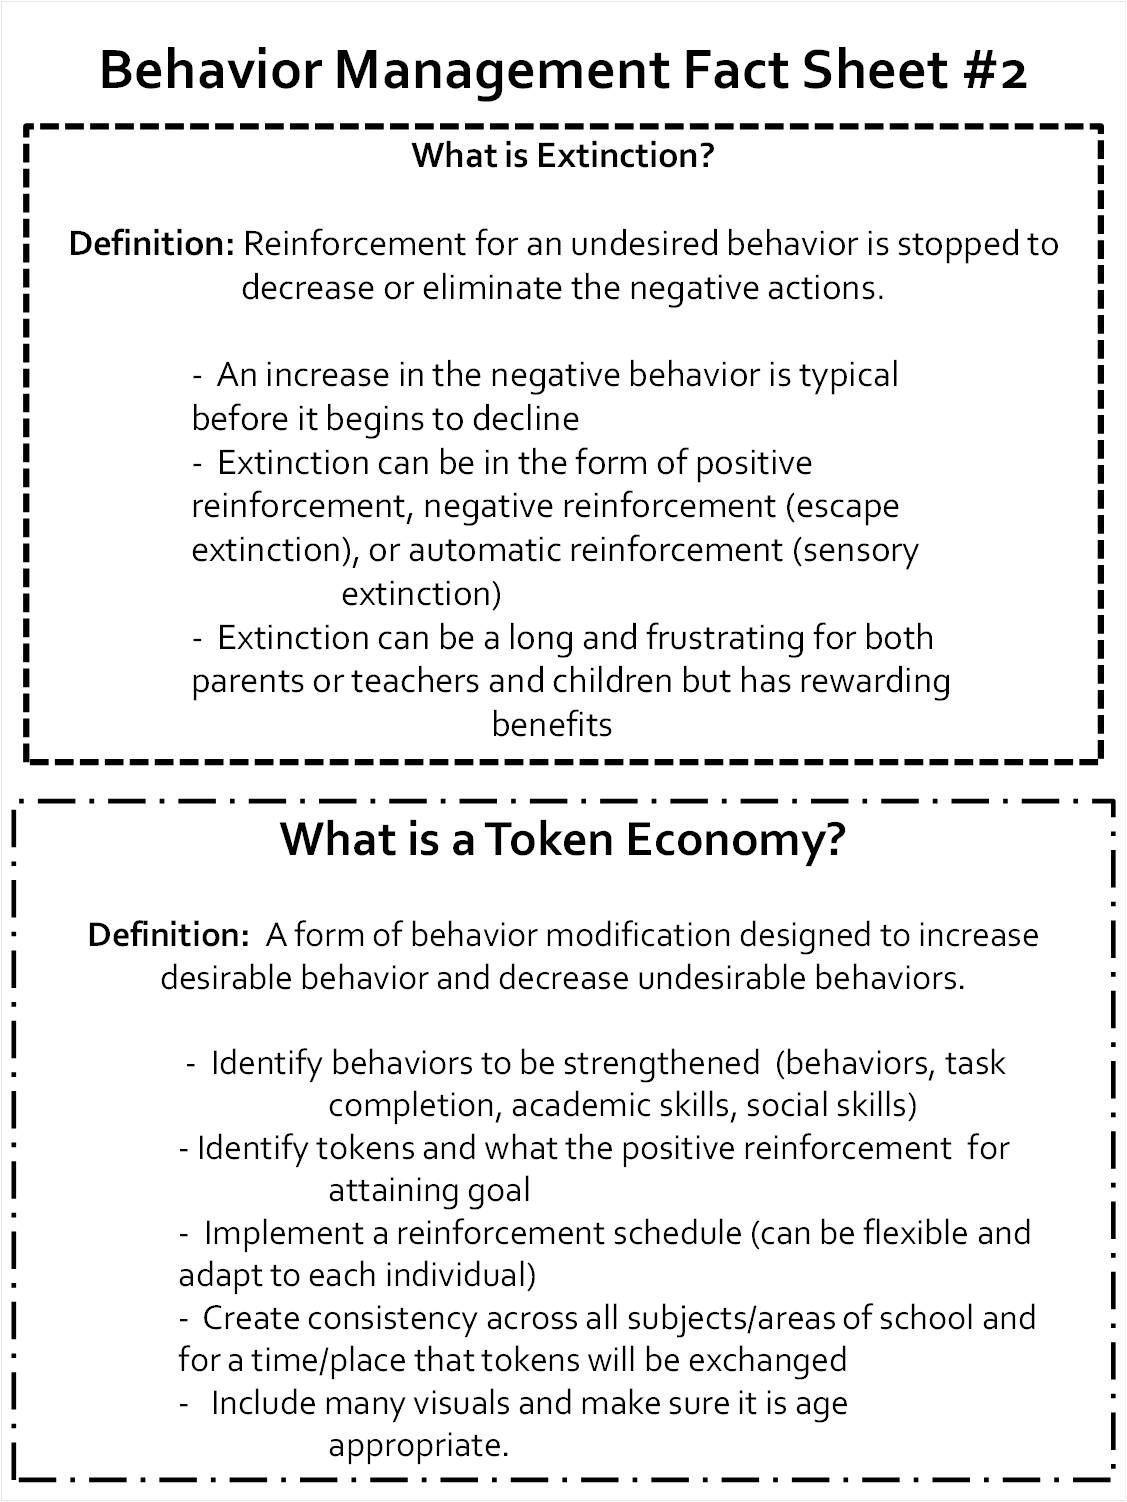 Behavior Management Fact Sheet 2